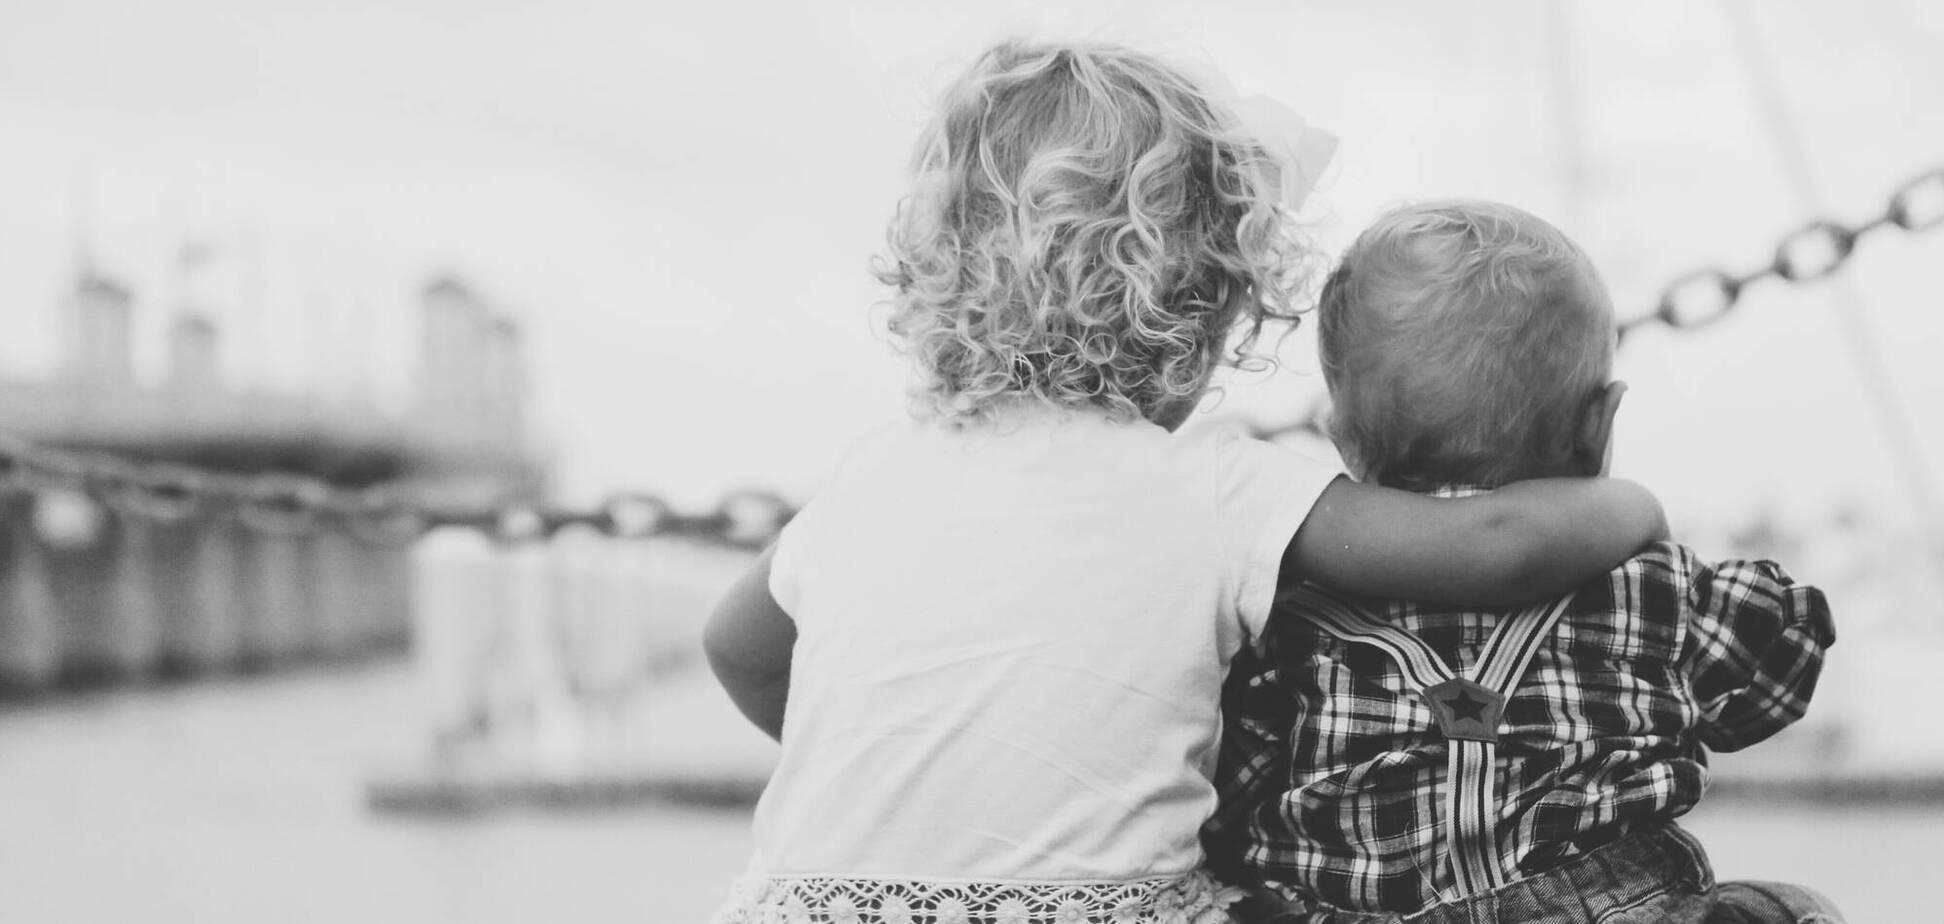 Чому обійми важливі для людей: психологиня назвала причини. Джерело: Репортер